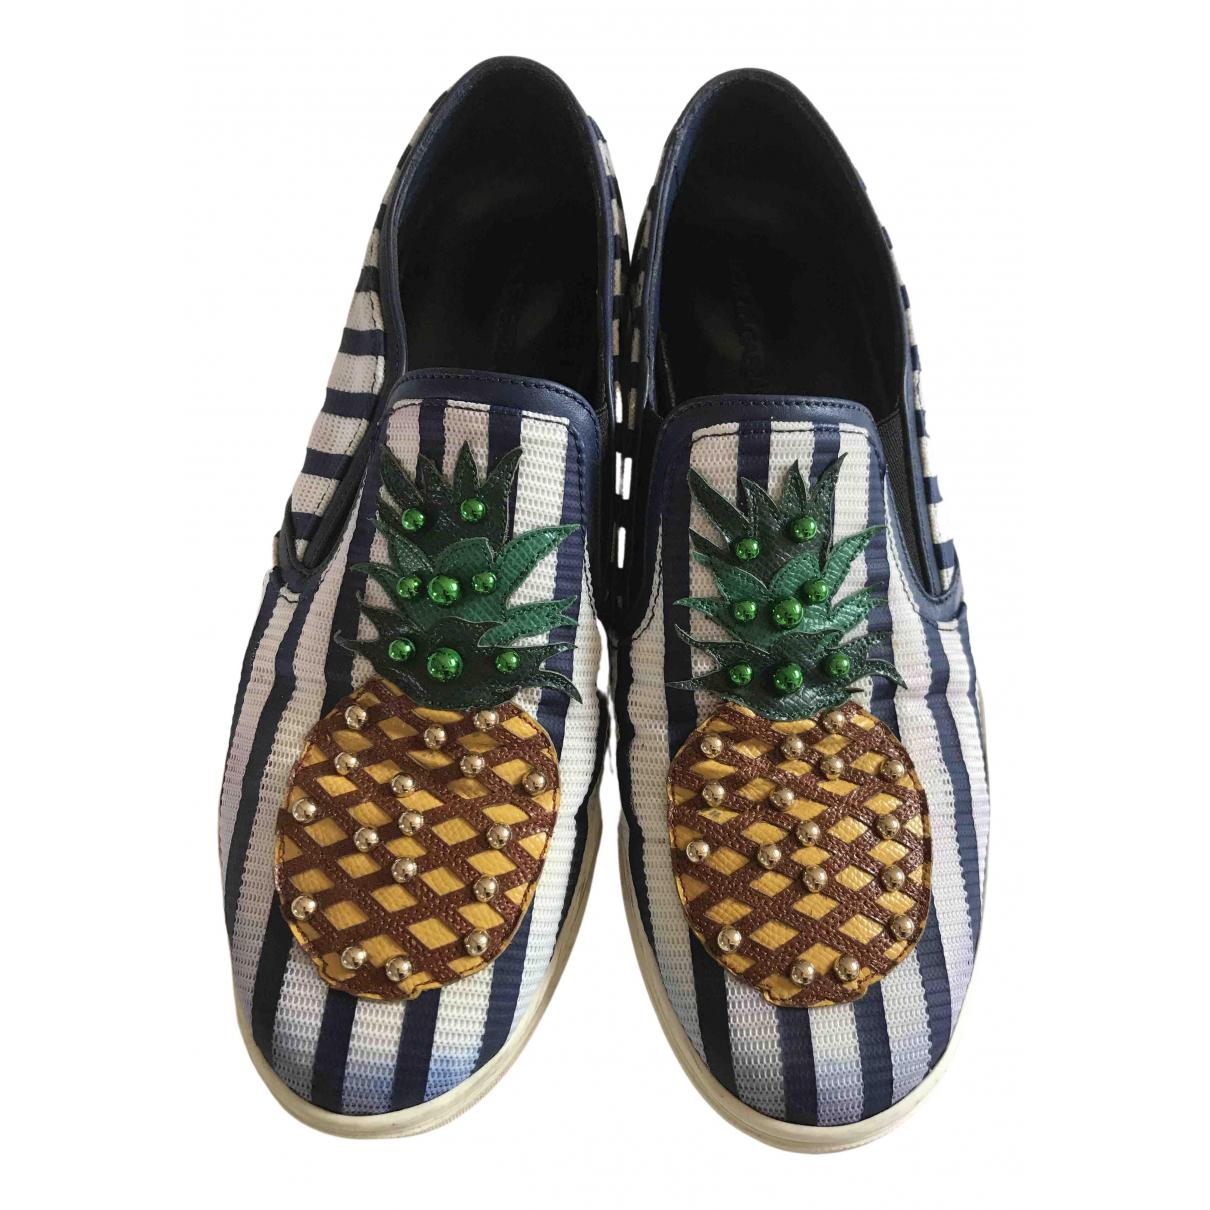 Dolce & Gabbana \N Sneakers in  Weiss Leinen